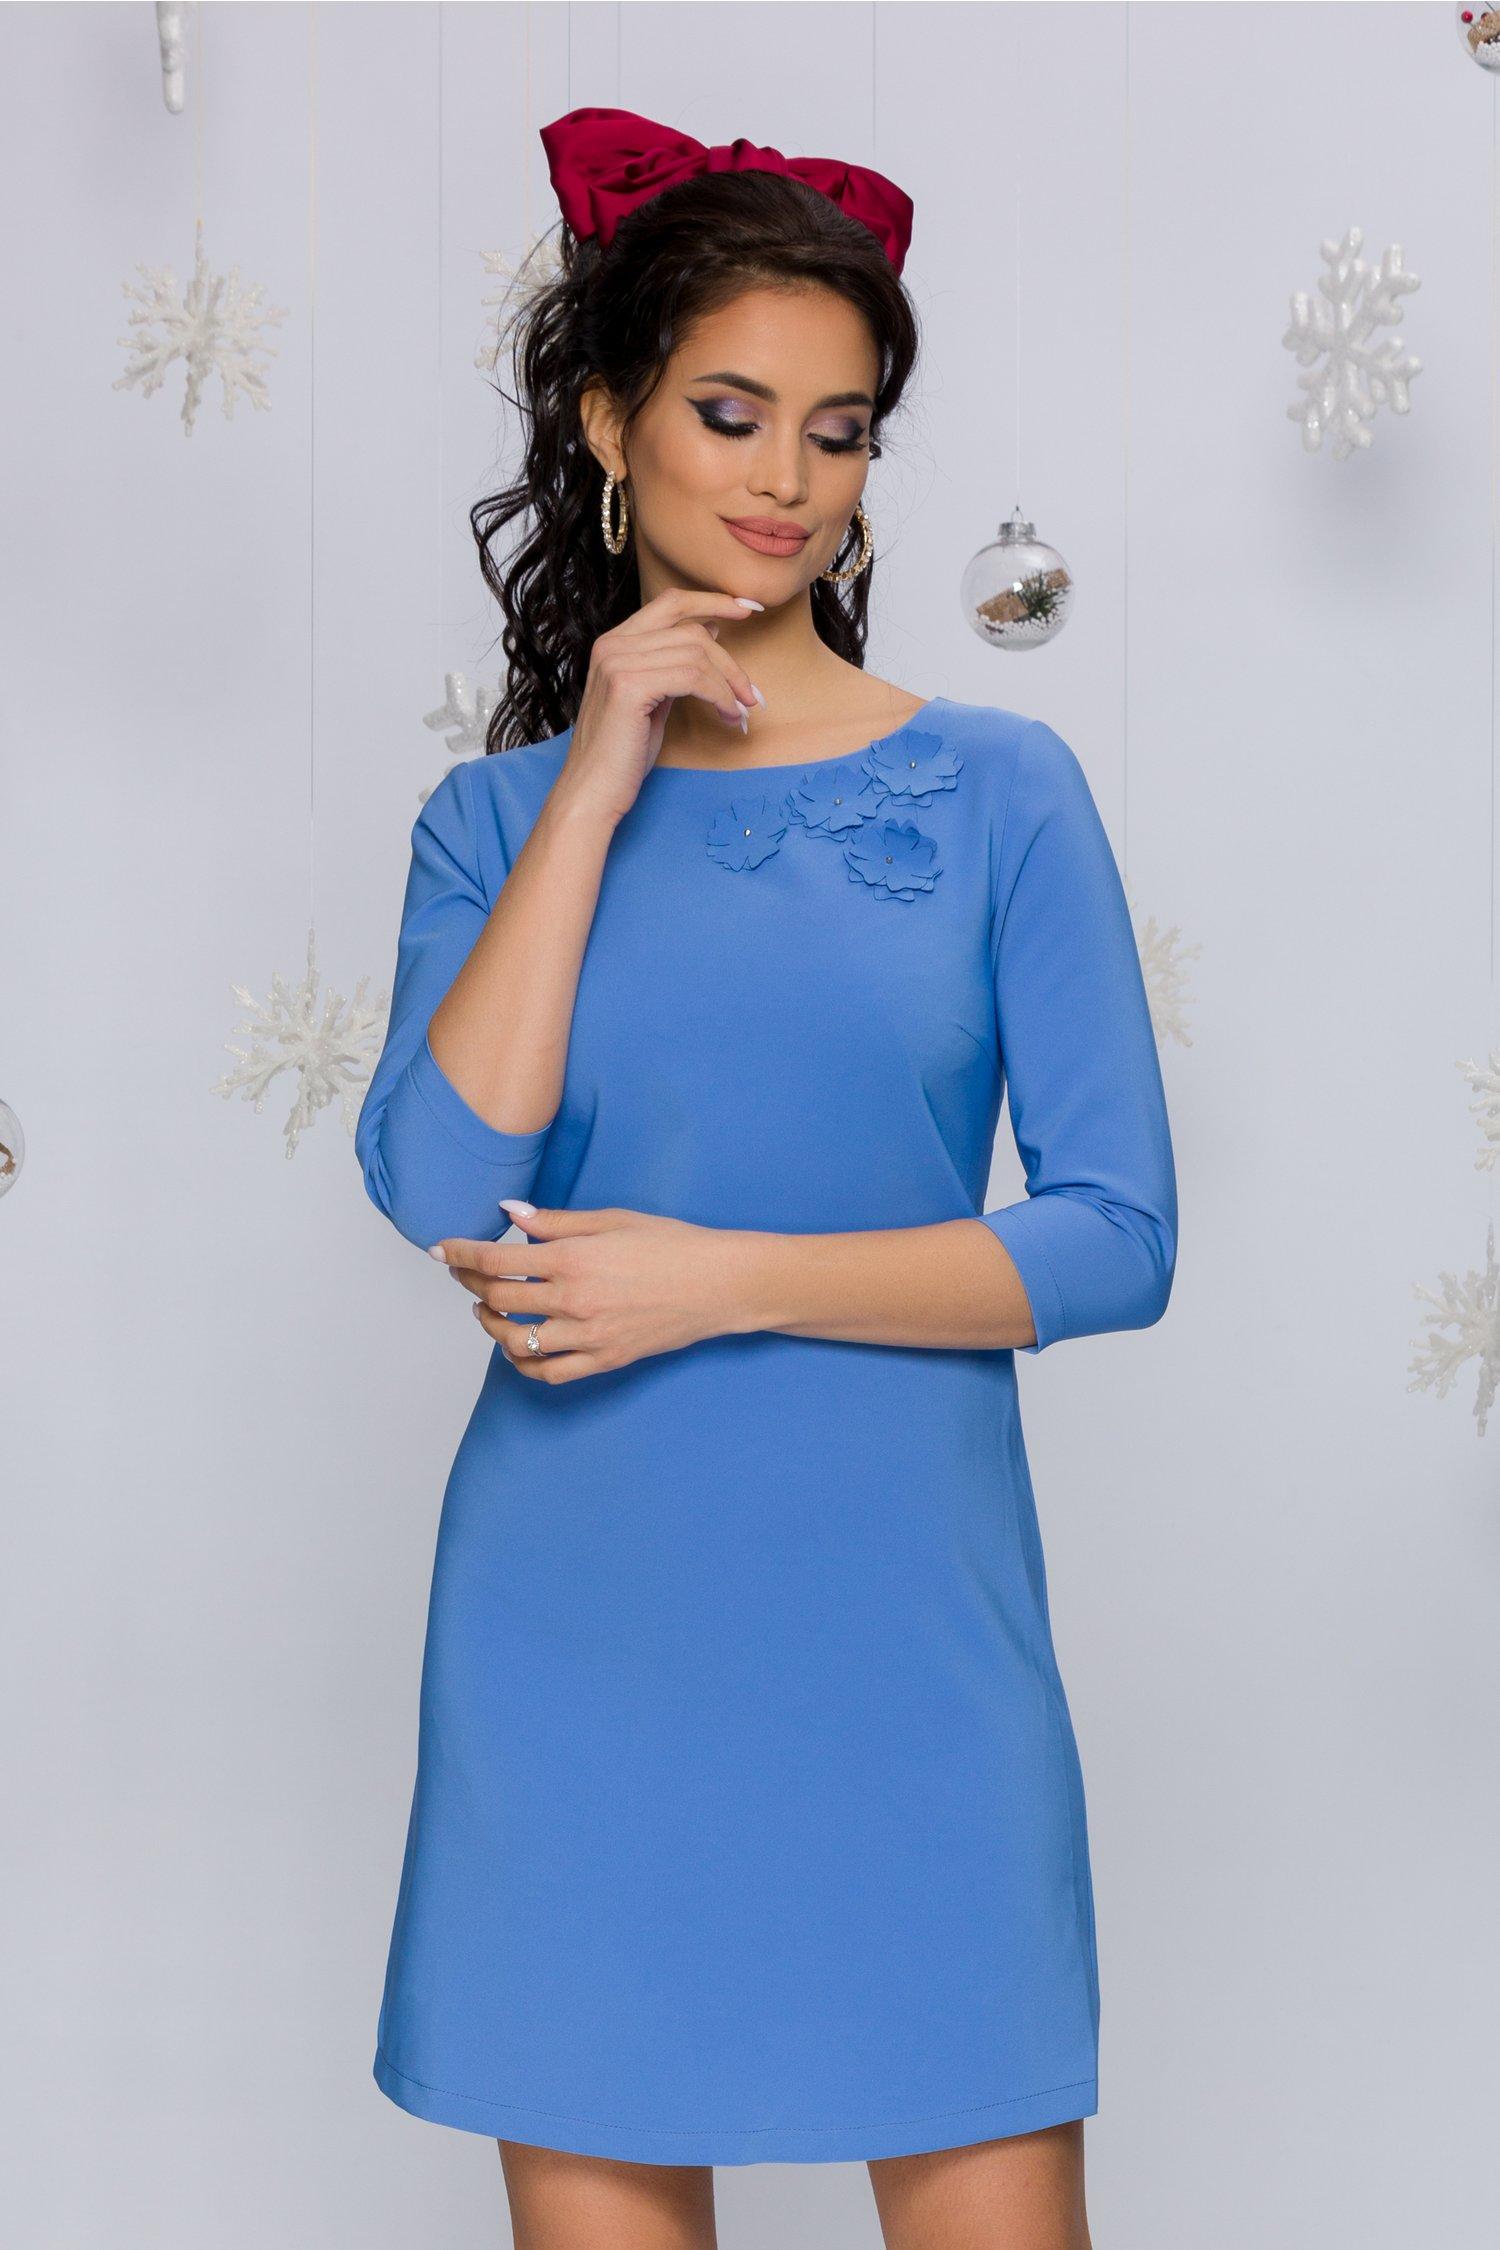 rochie alexa bleu evazata cu flori 3d la decolteu 474468 4